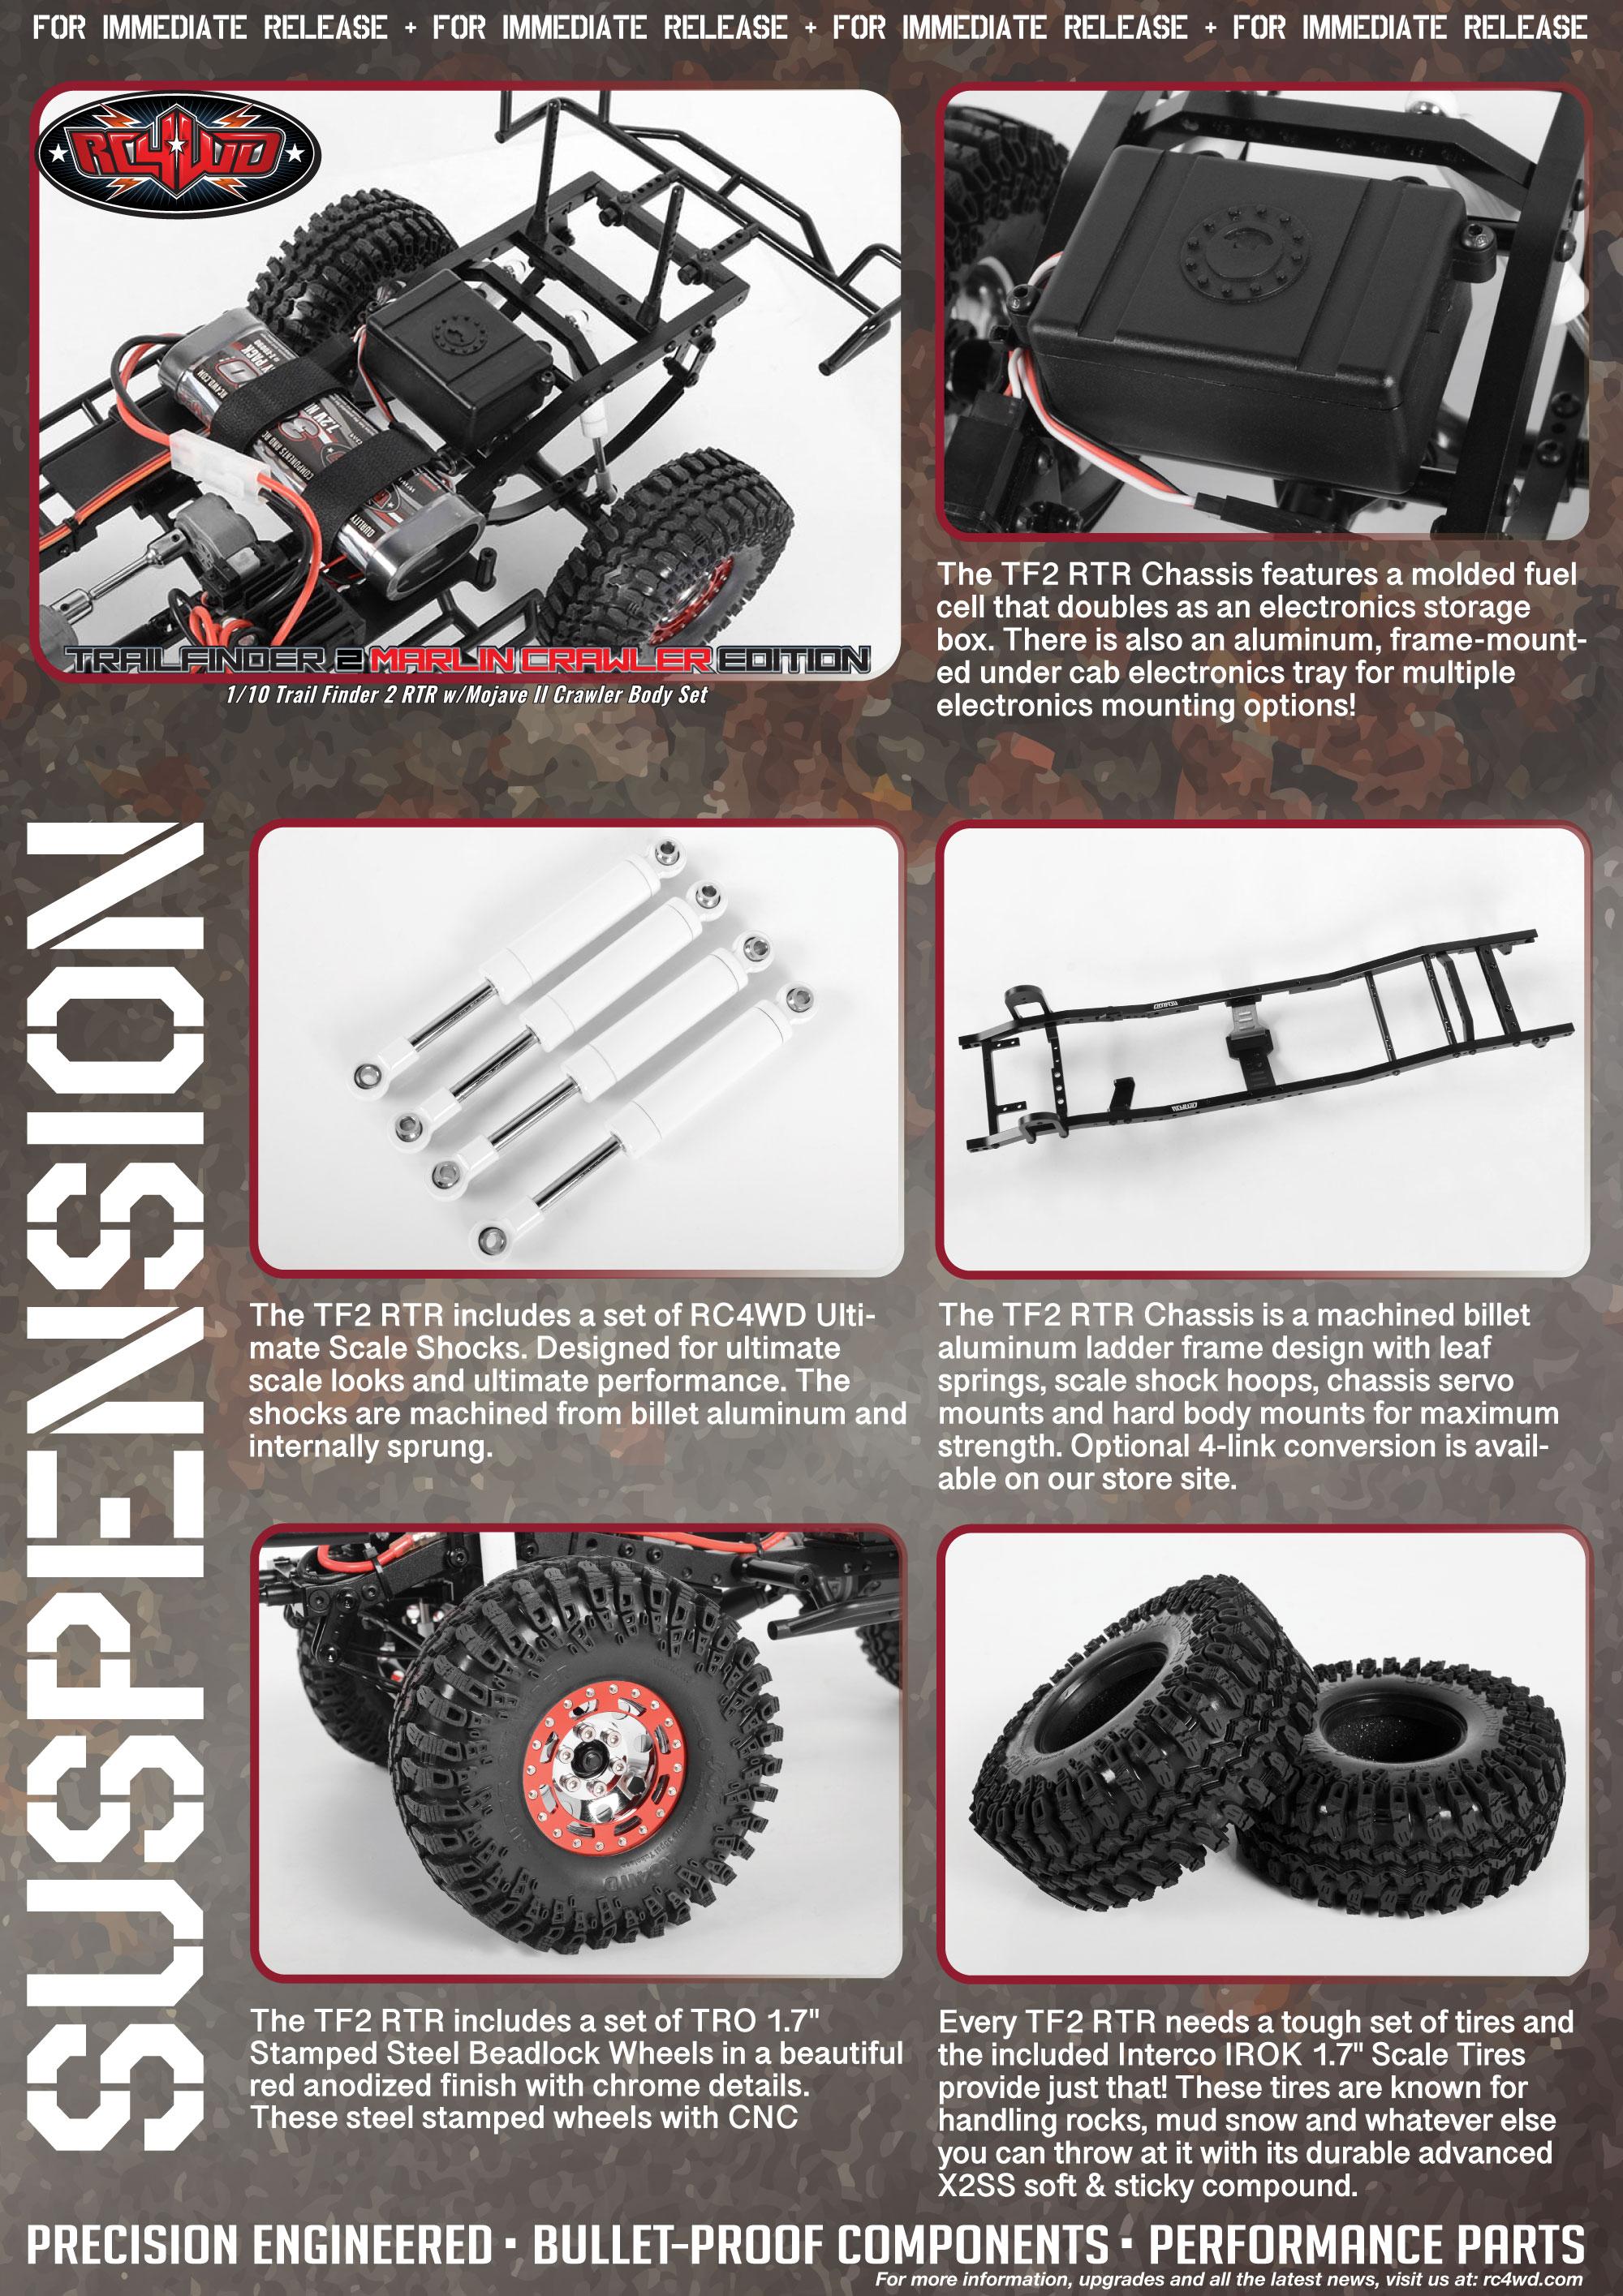 RC4WD Marlin Crawler Trail Finder 2 RTR w/Mojave II Crawler Body Set